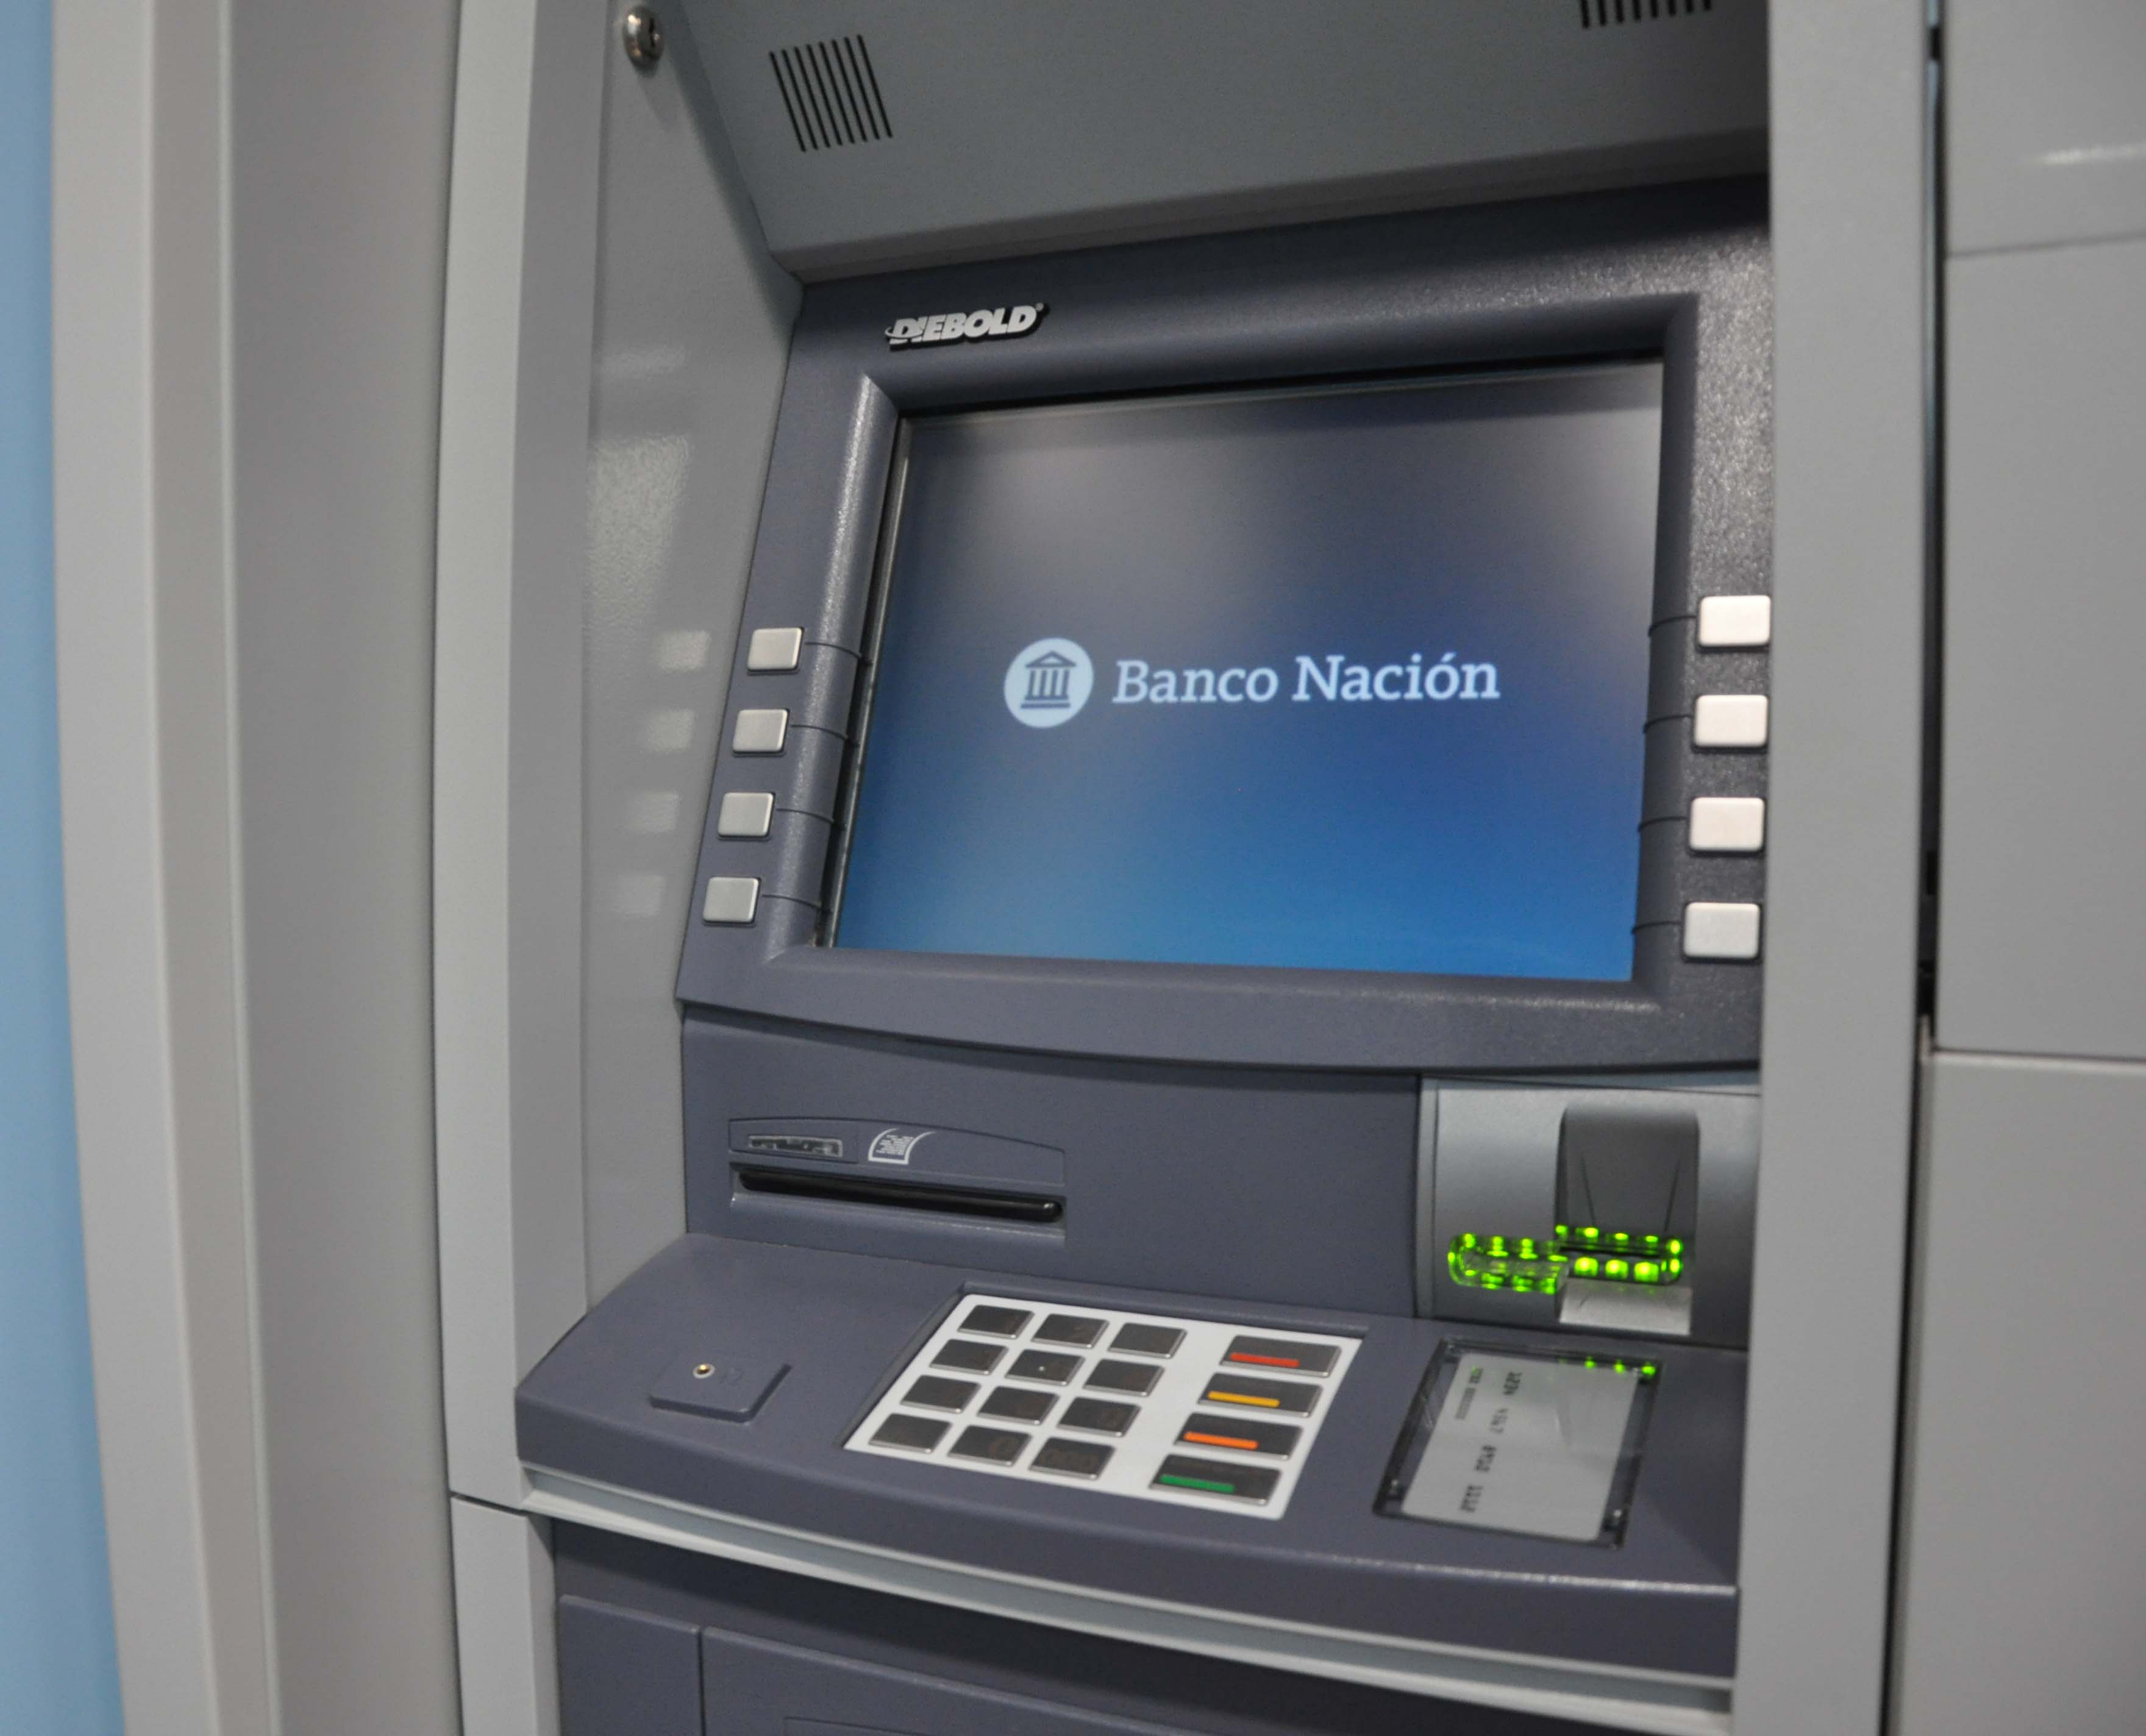 La sucursal del Banco Nación en Villa Ramallo informó que los cajeros permanecerán cerrados a partir del viernes 29 de junio debido a las refacciones que están haciendo en el edificio.